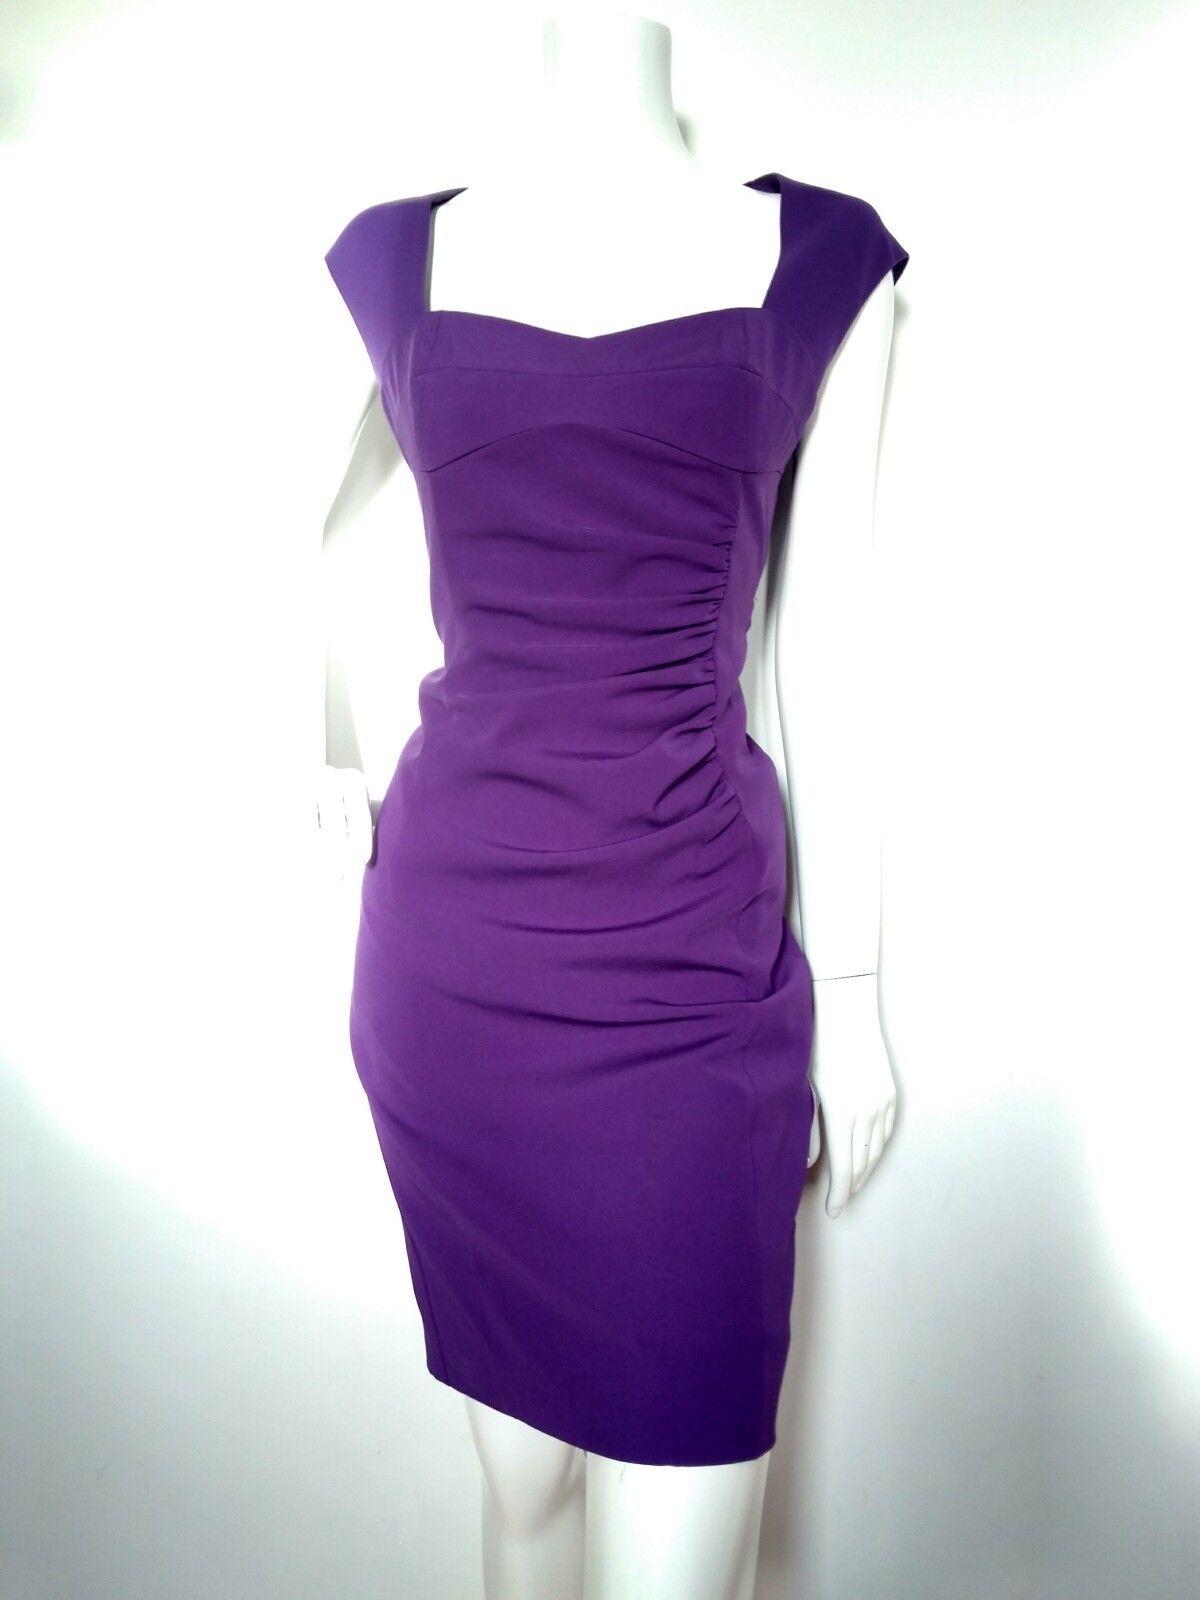 Designer LK BENNETT BENNETT BENNETT fitted shift dress size 12 -USED ONCE-knee length sweetheart 0b16e2